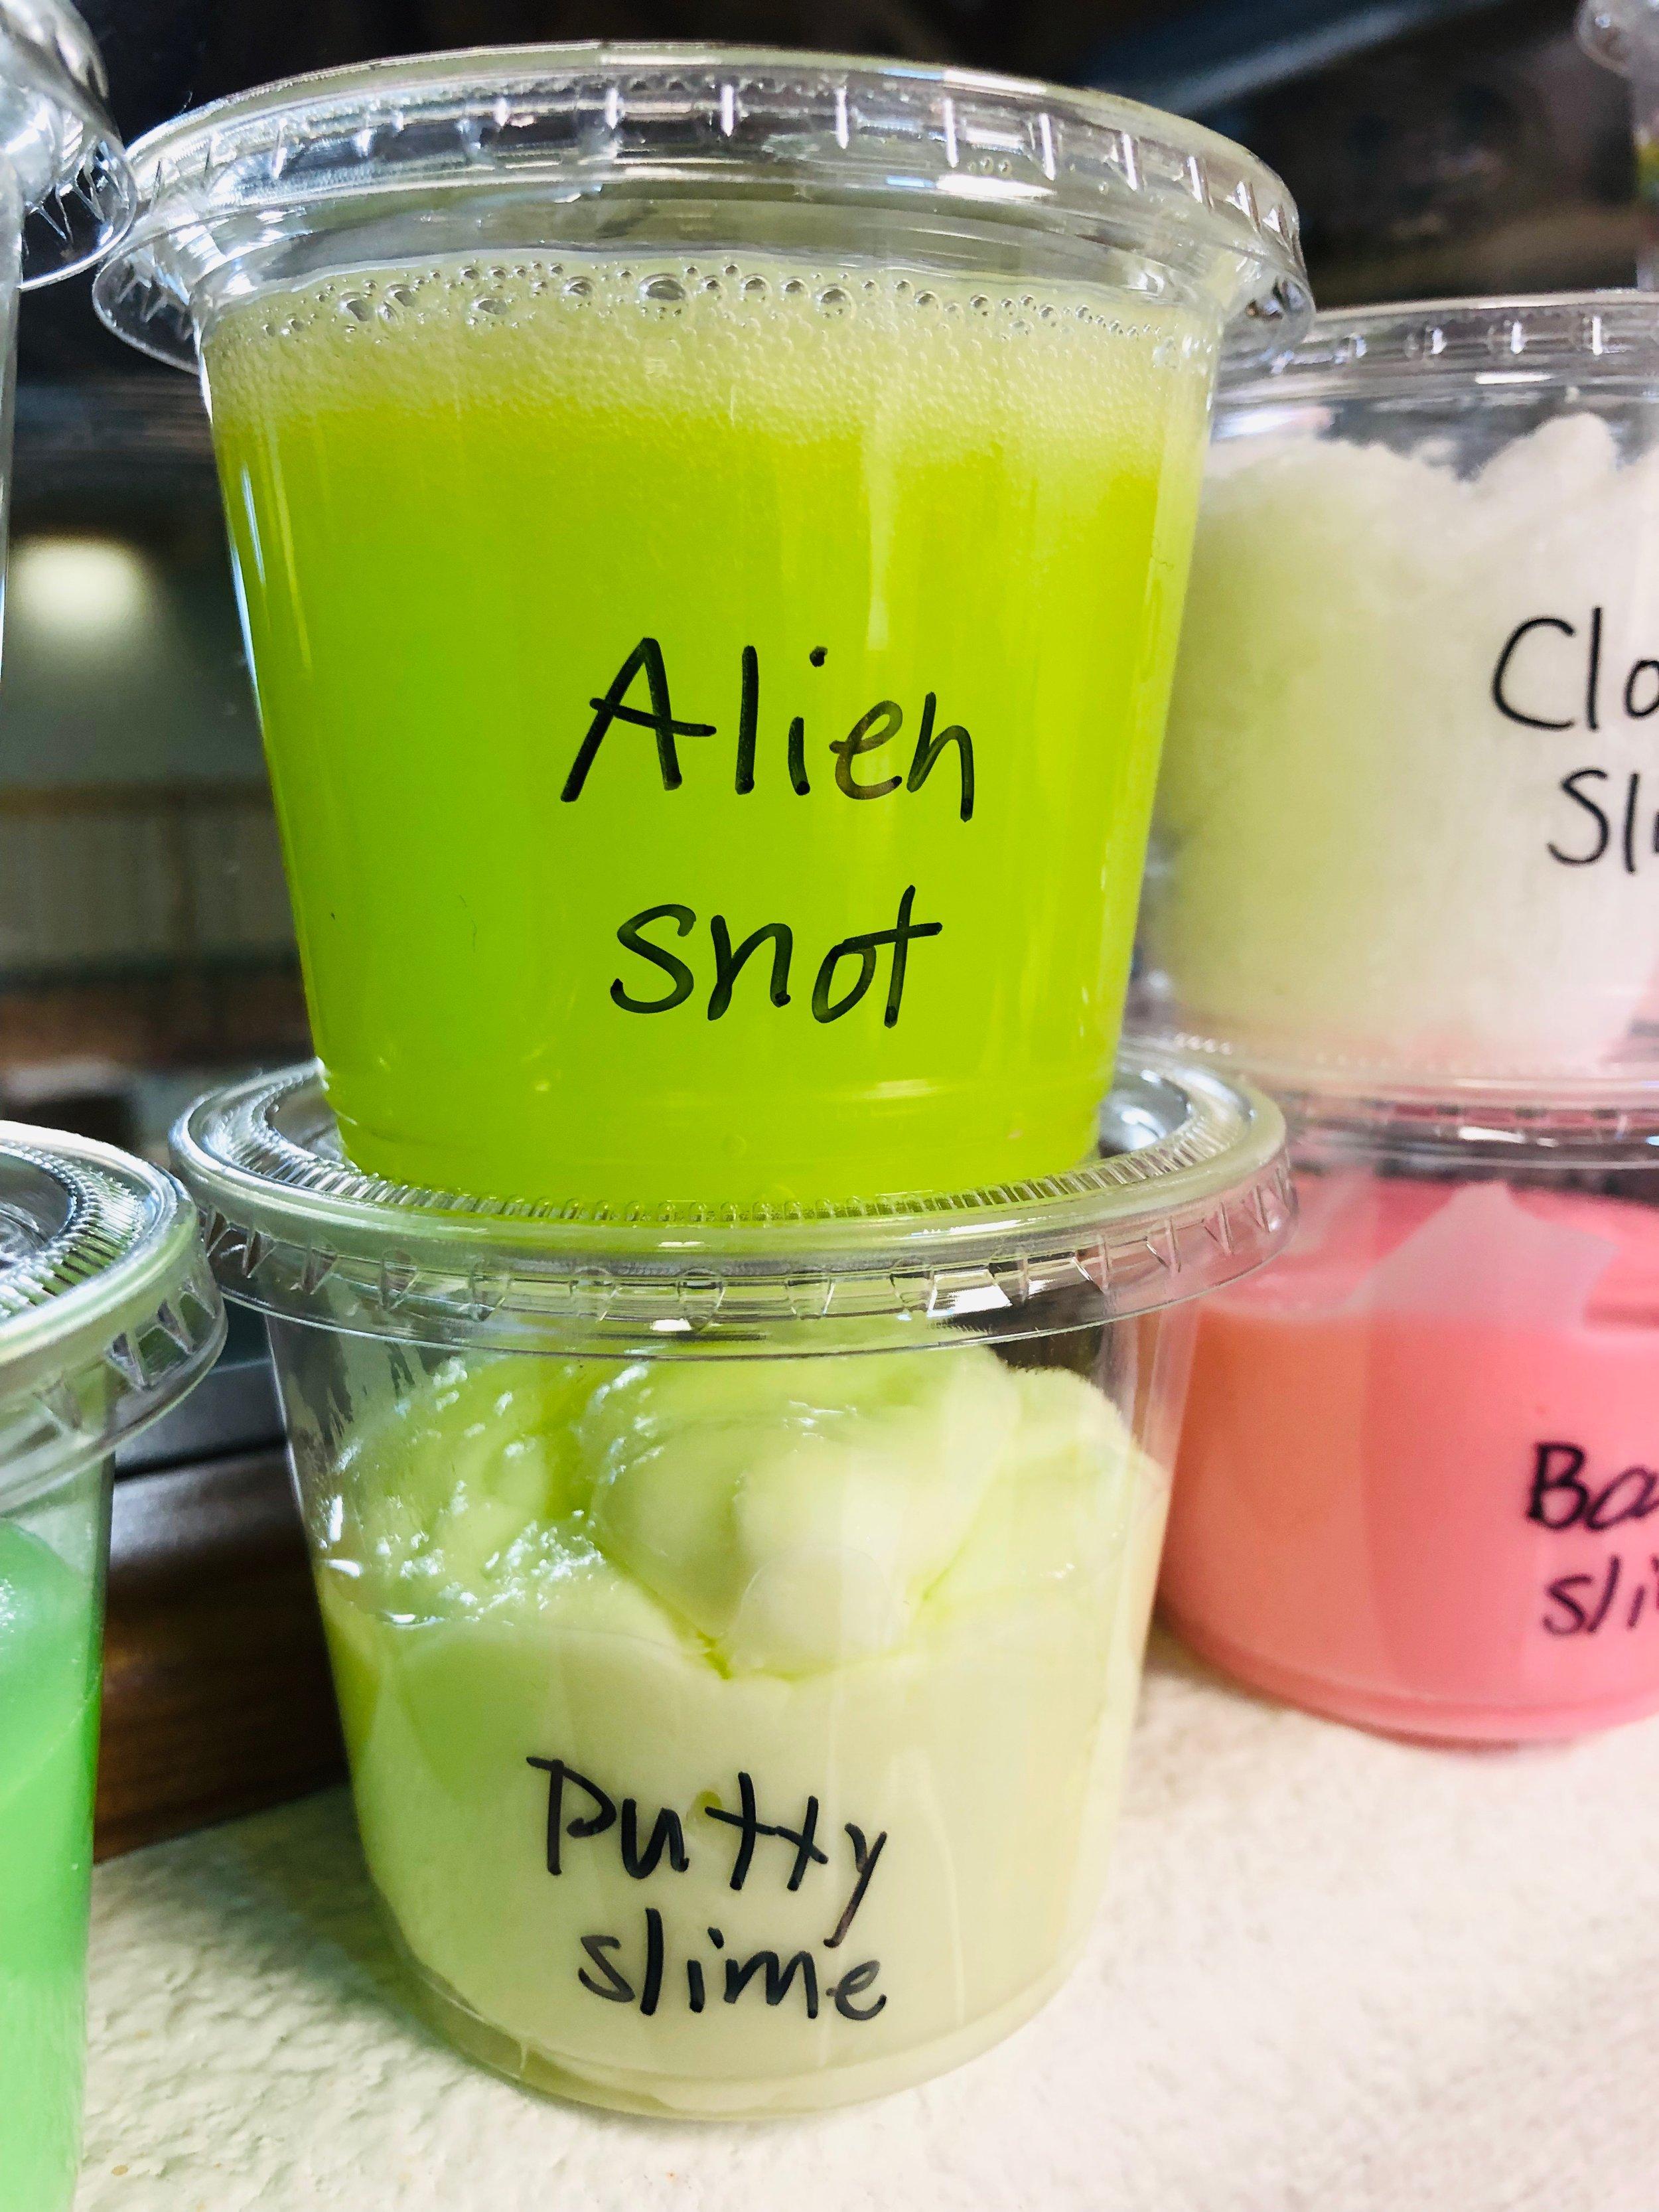 Alien snot?! #brainfueltoys #slime